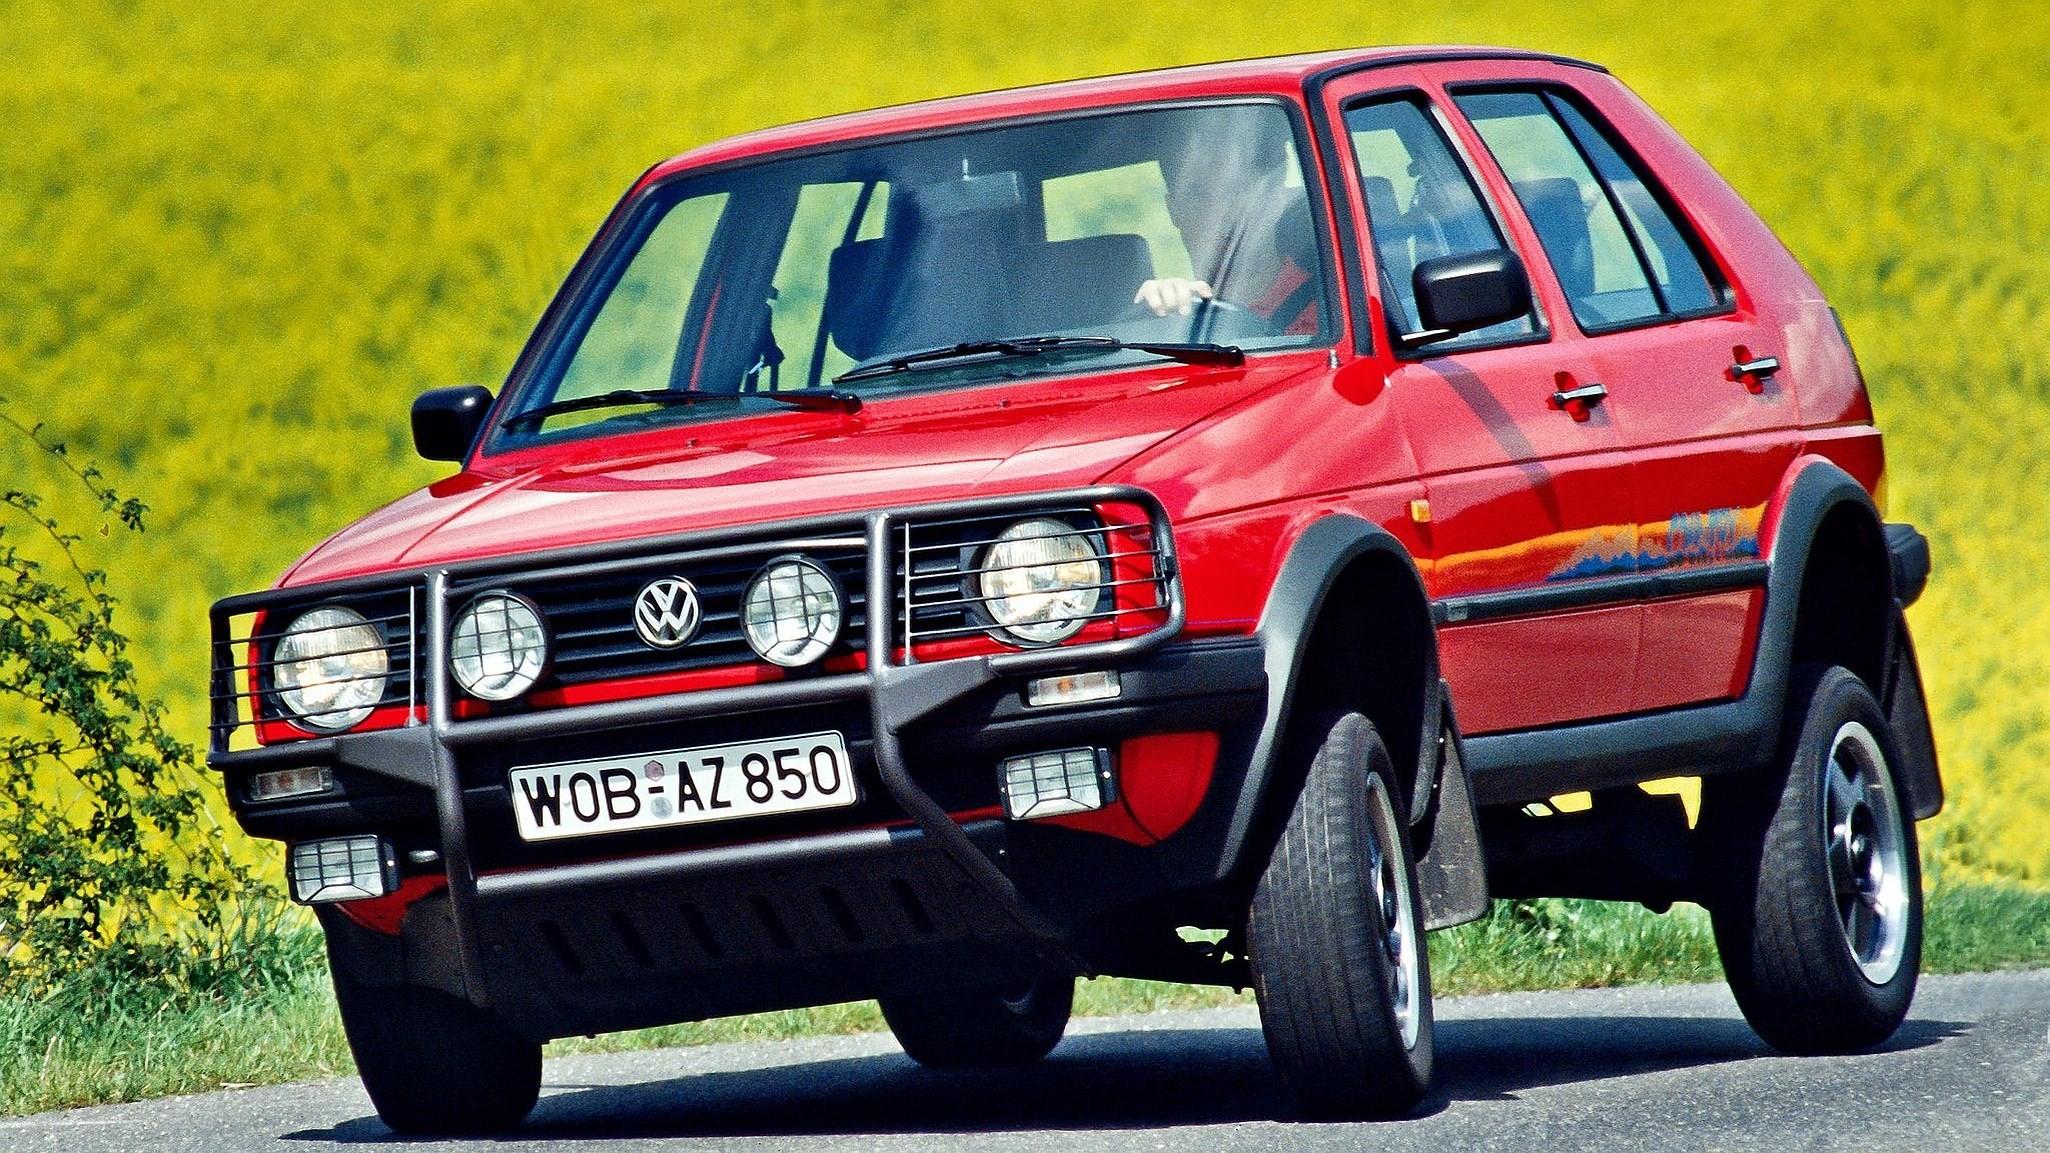 #1988415, volkswagen golf ii category – free wallpaper and screensavers for  volkswagen golf ii